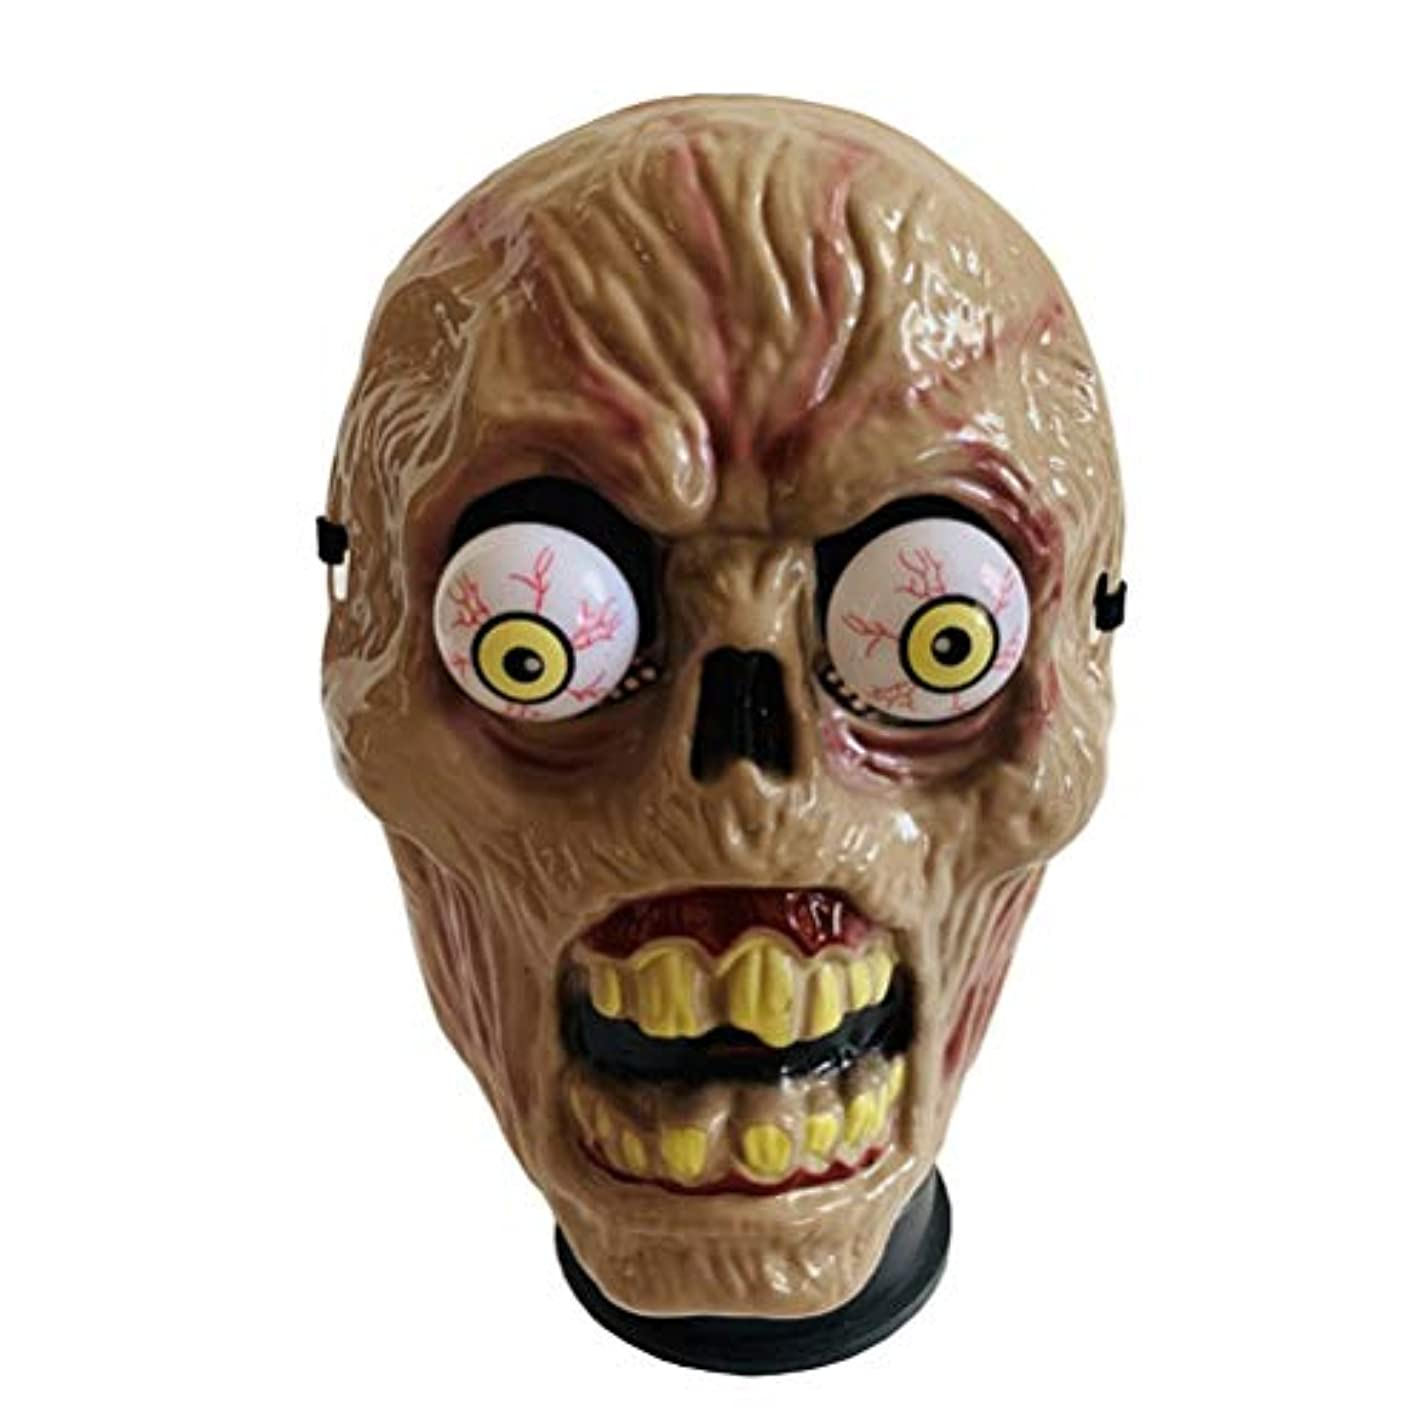 軽減する損傷威するAmosfunハロウィンゾンビマスク春眼球コスプレマスク衣装プロップアクセサリー仮面舞踏会マスク用バーパーティー